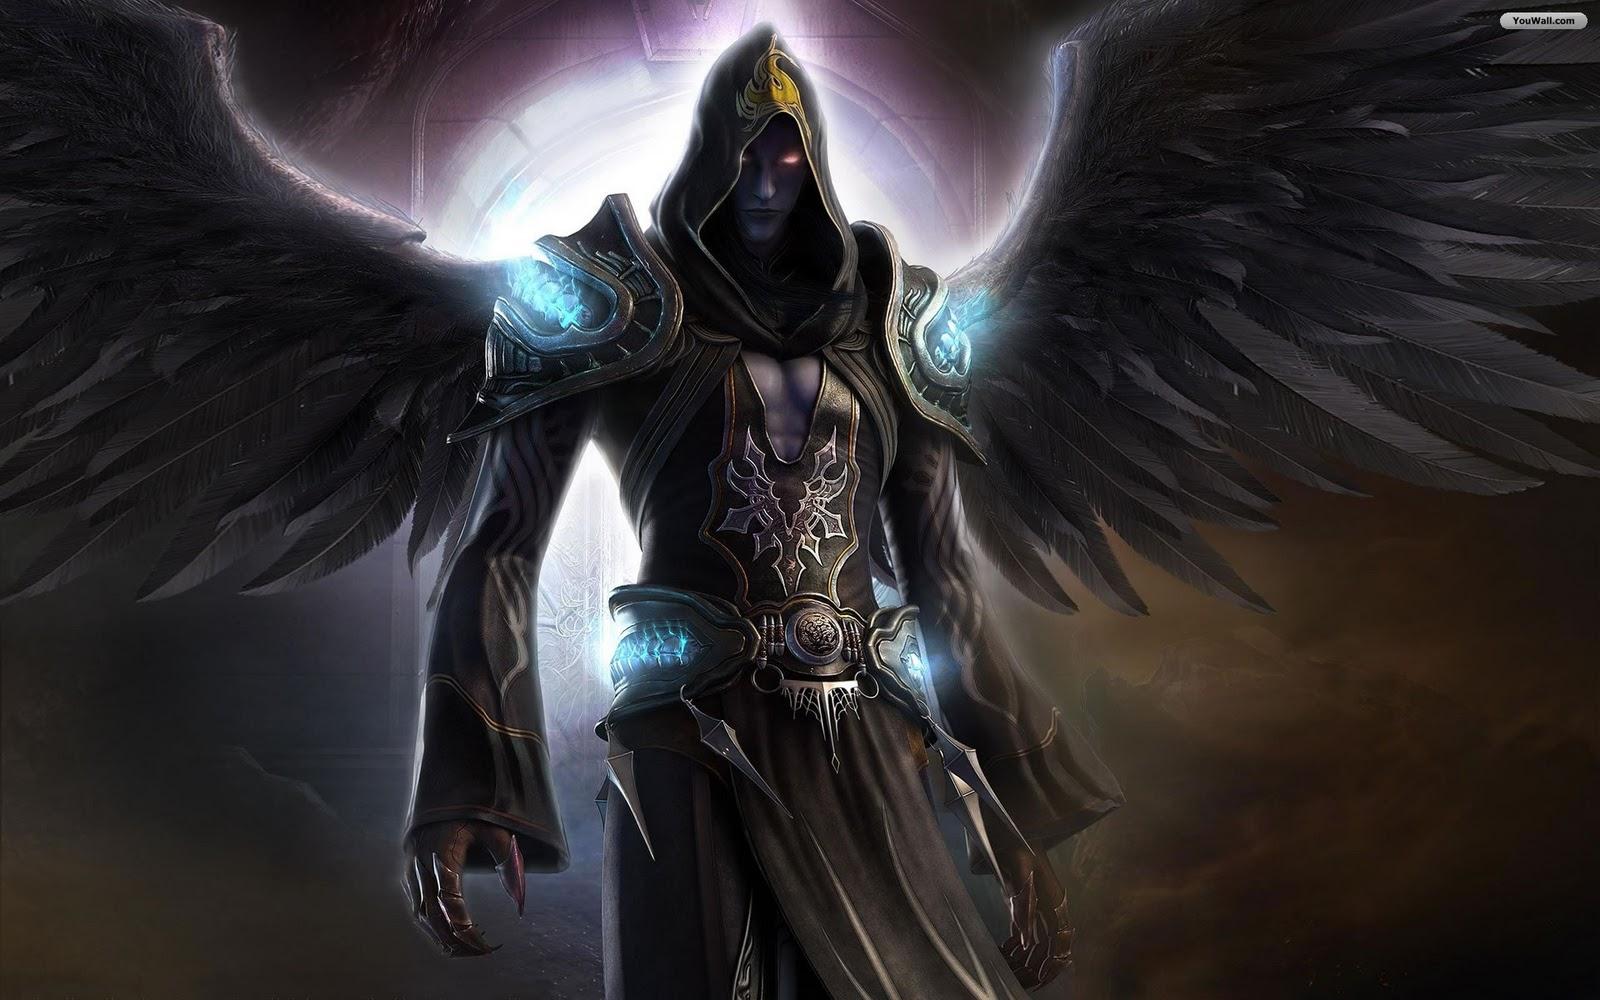 A Corte Celestial de Long Branch Dark+angel